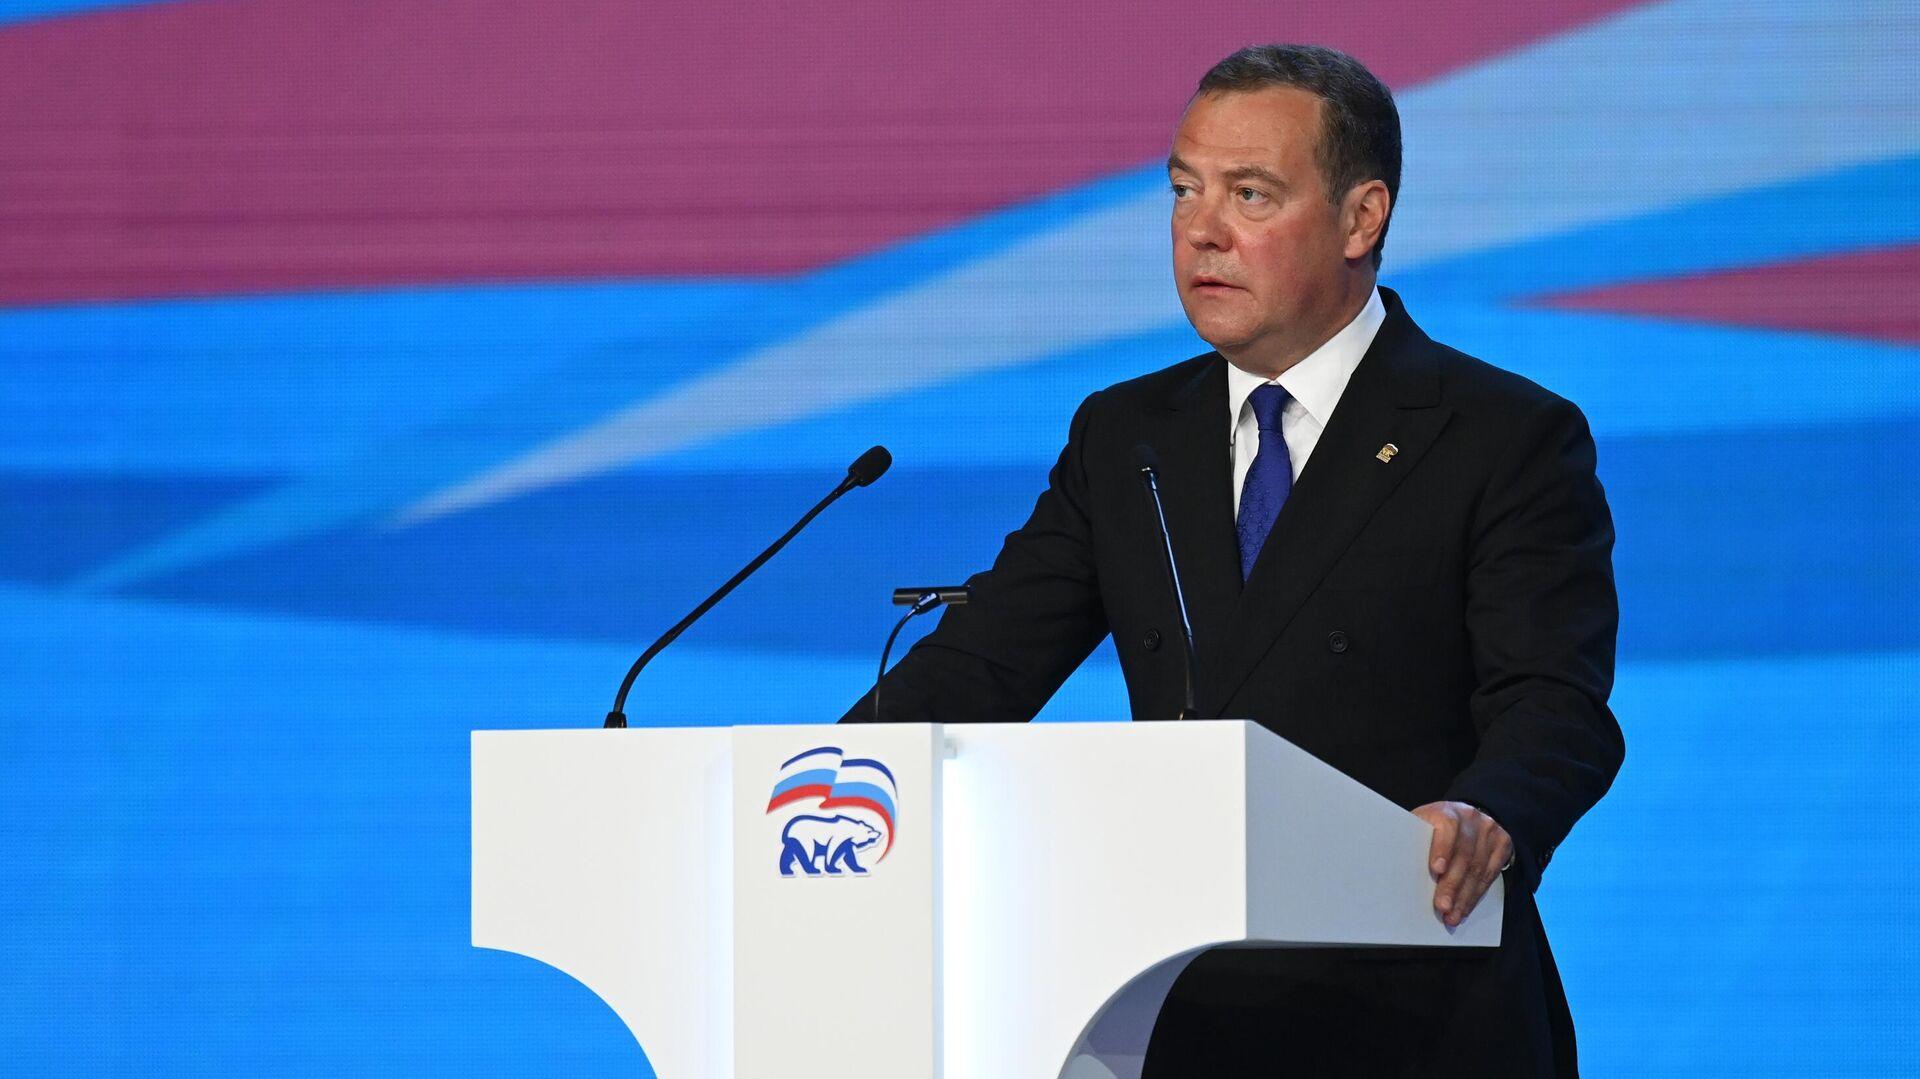 Медведев призвал добиться одинакового уровня жизни во всех регионах